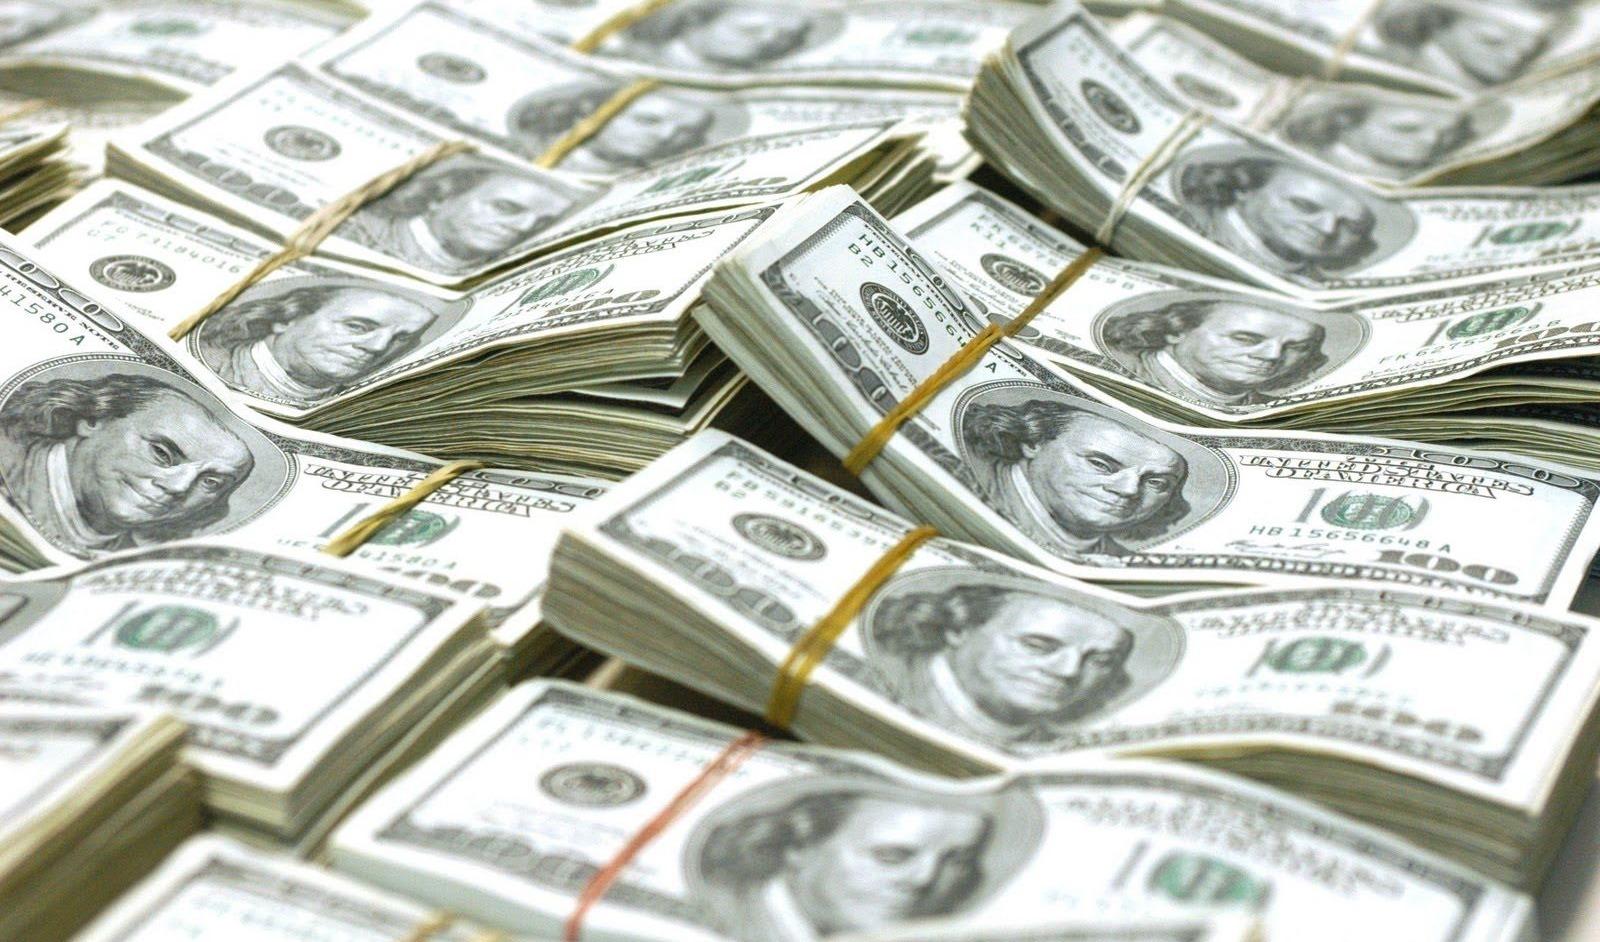 http://shbabbek.com/upload/أسعار الدولار في السوق السوداء اليوم الجمعة 24 يونيو 2017